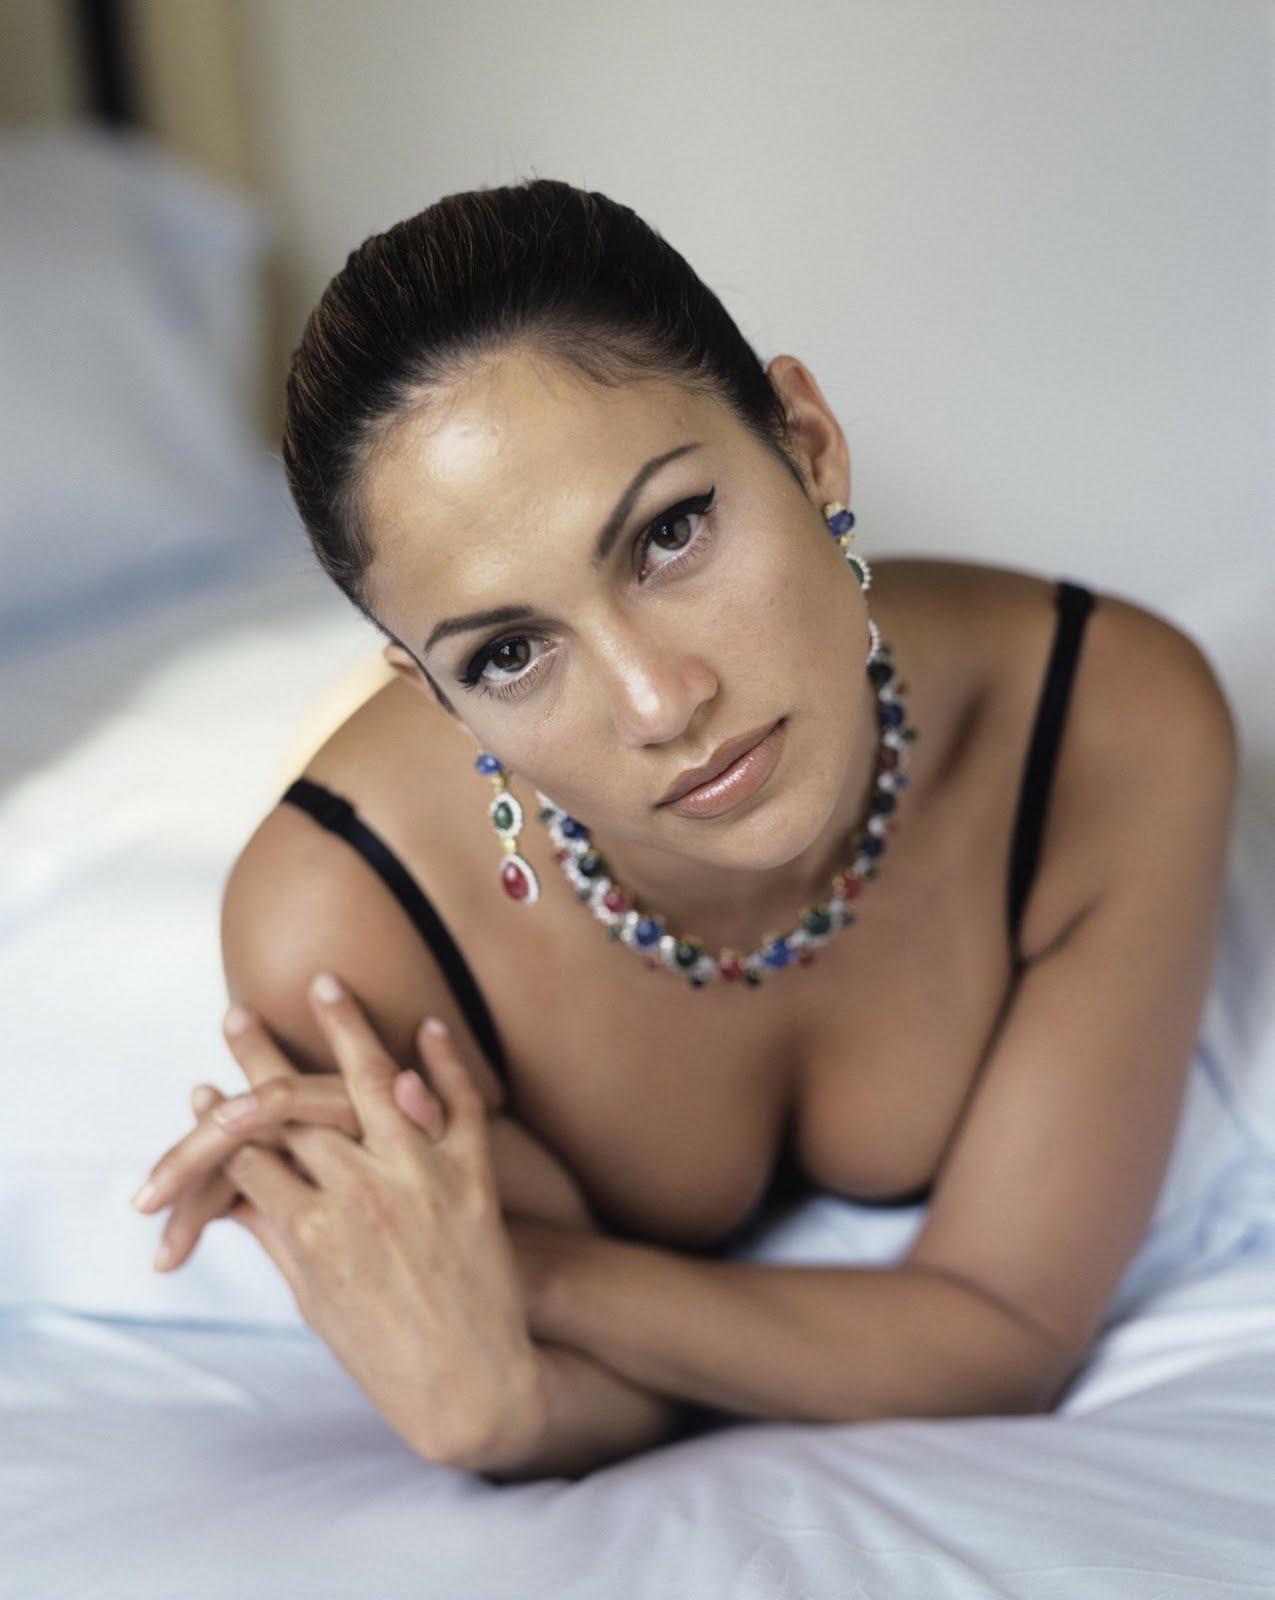 http://3.bp.blogspot.com/-jfLlcAE8R8Q/Te9xMXUxtlI/AAAAAAAAAIQ/N7cwA-j82kg/s1600/jennifer-lopez-1.jpg